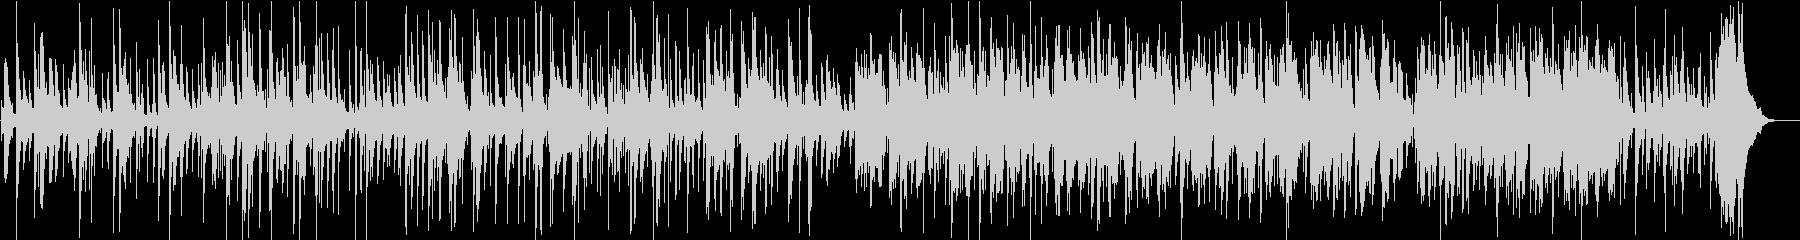 深夜に聴きたいシンプルなスロージャズの未再生の波形